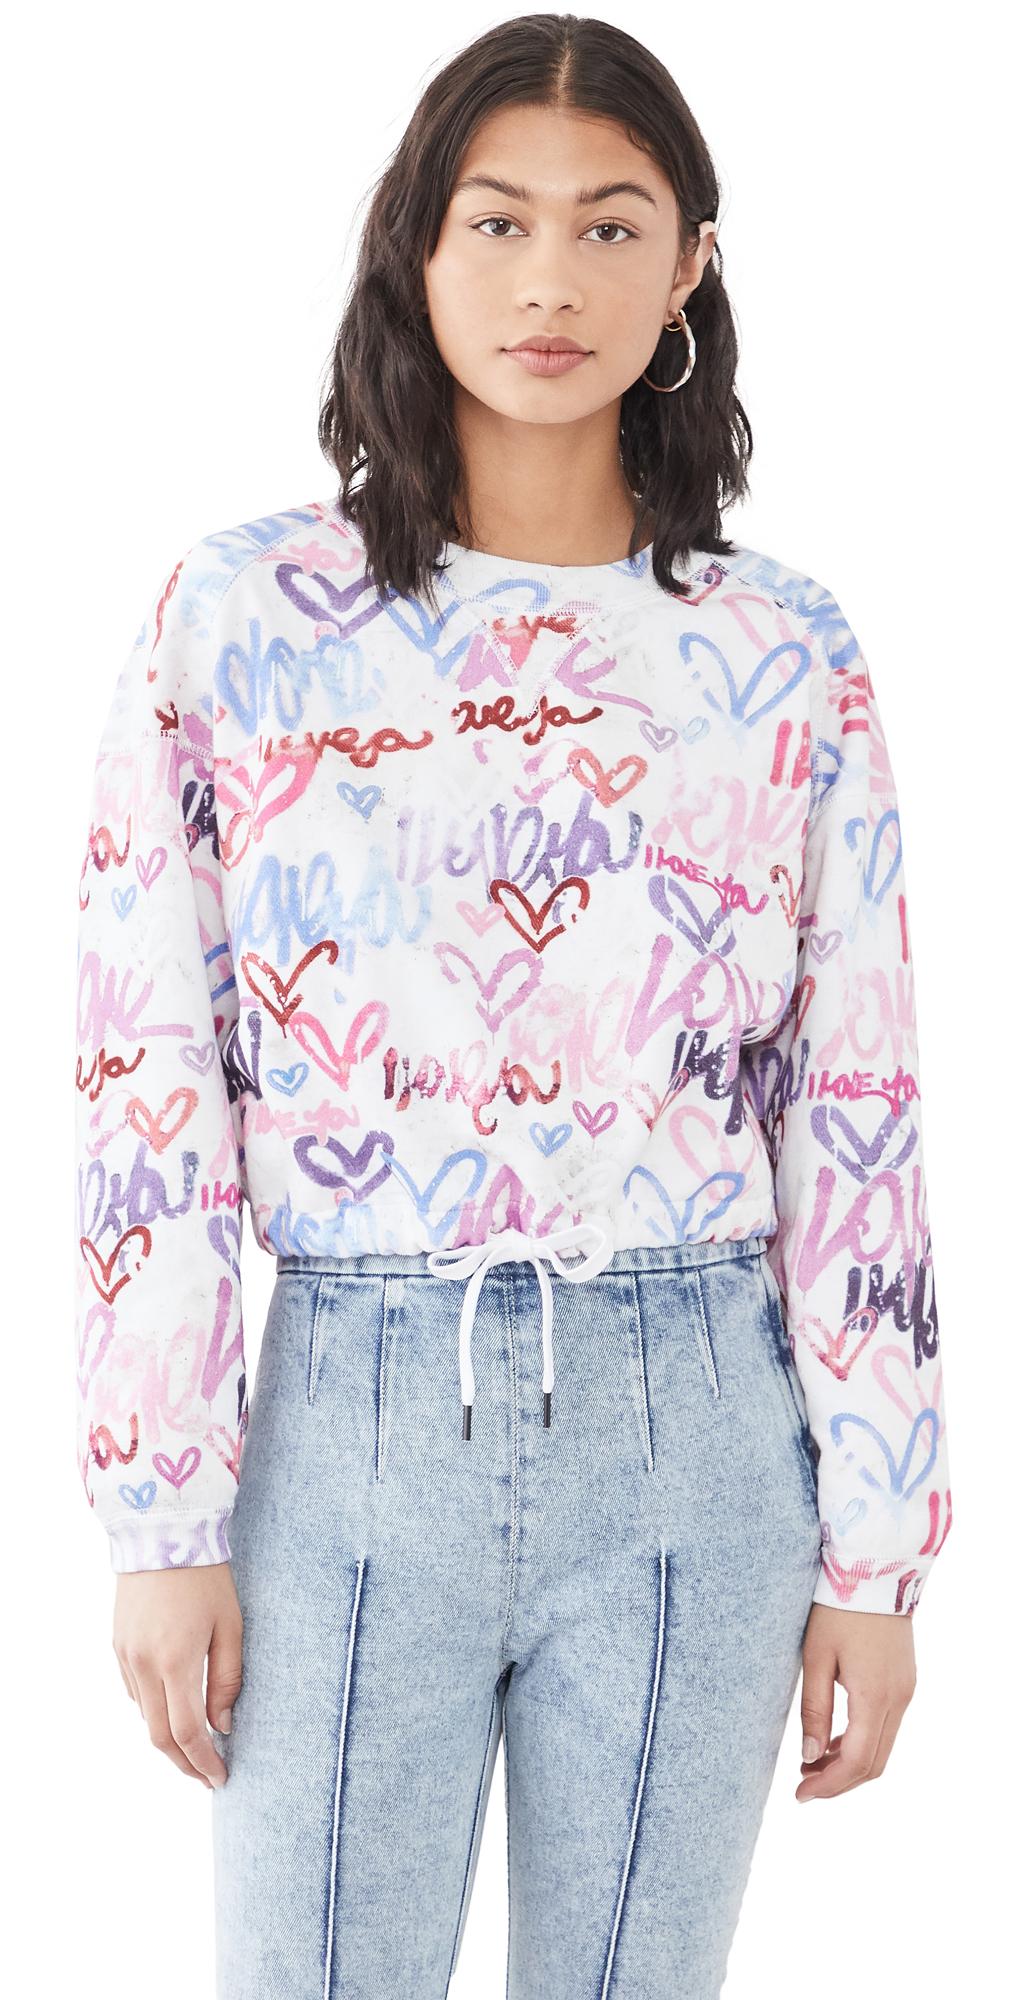 Isabel Marant Margo Sweater